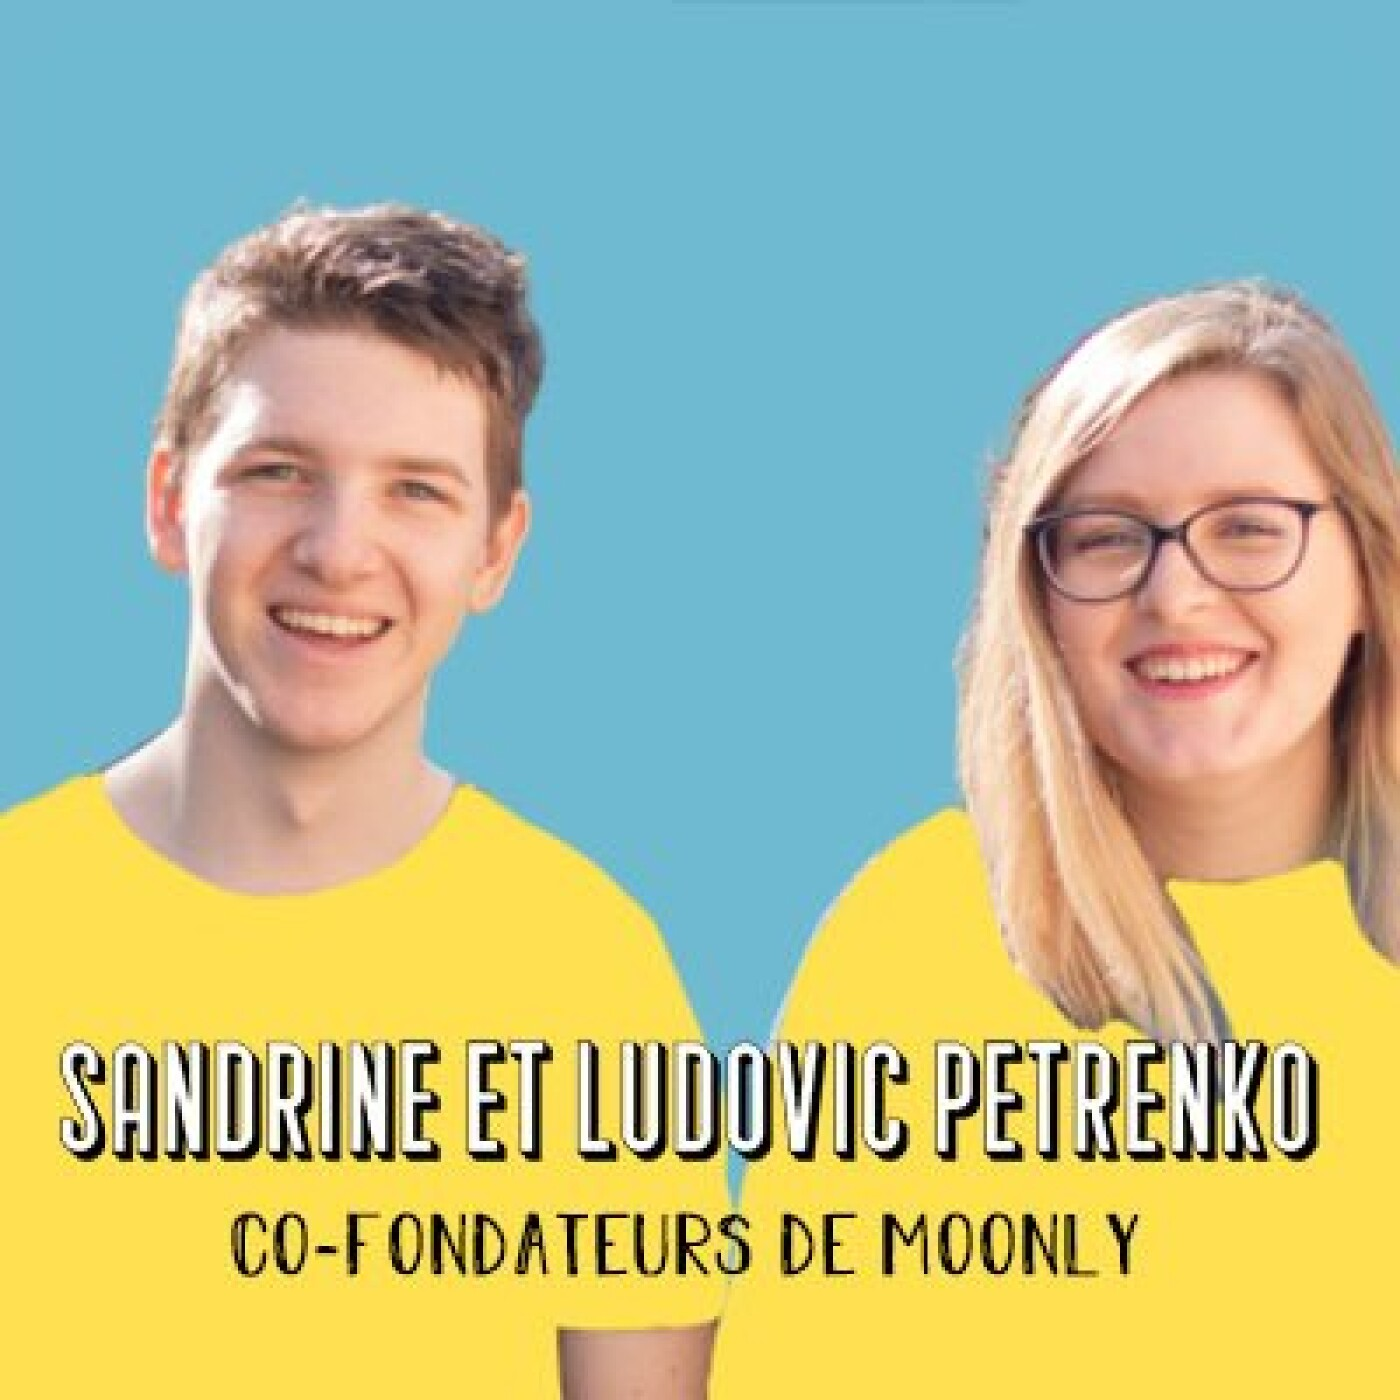 Sandrine et Ludovic, fondateurs de Moonly - On peut tous se lancer